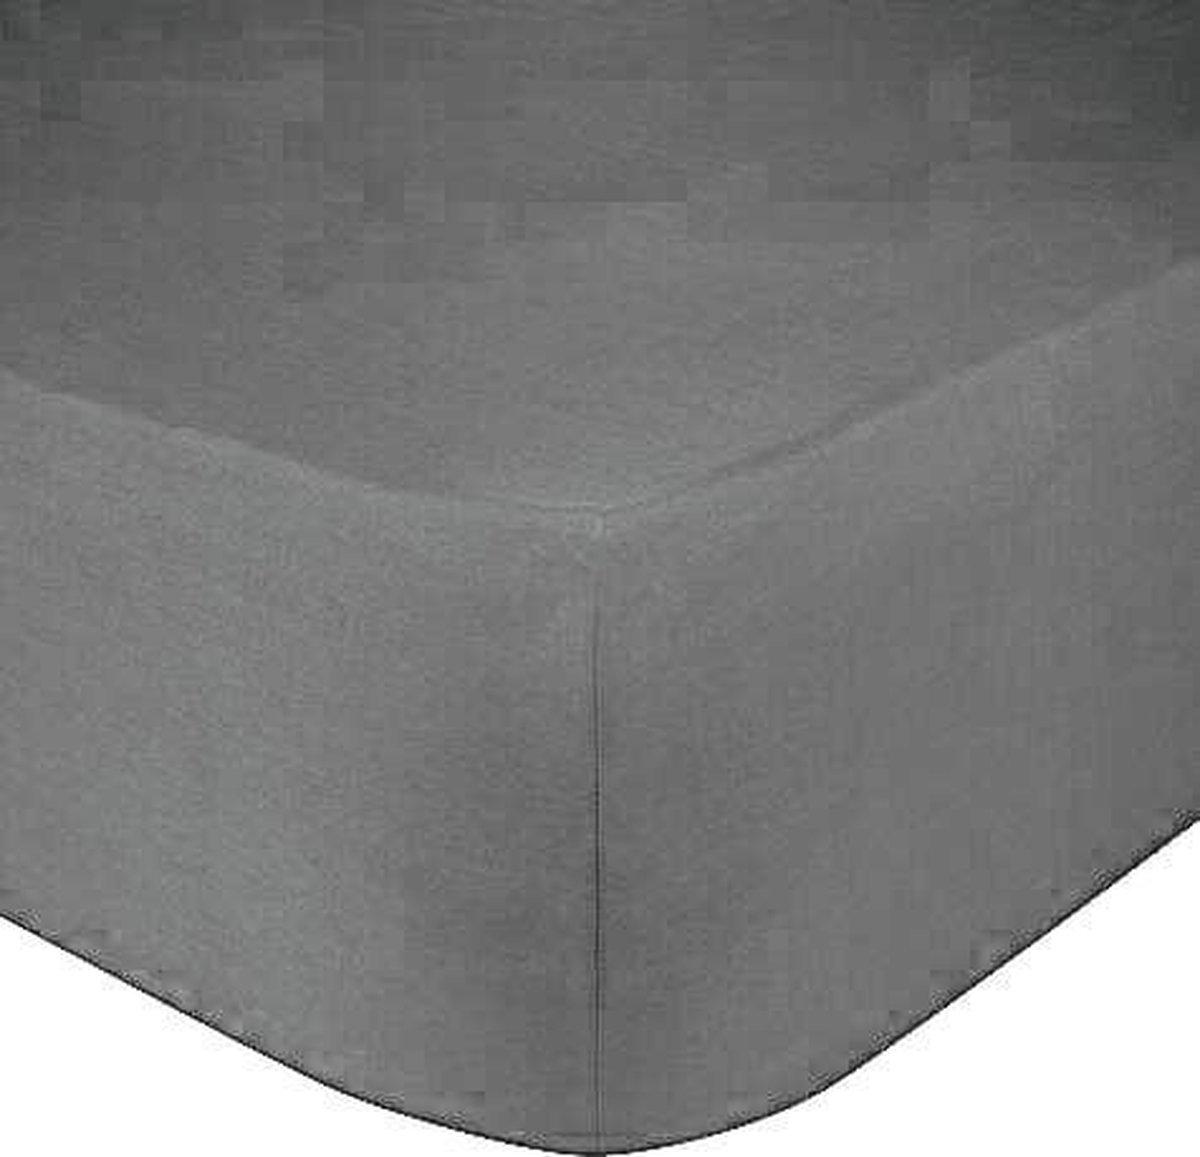 Het Ultieme Zachte Hoeslaken- Jersey -Stretch -100% Katoen -2Persoons-140x200x30cm-Antraciet